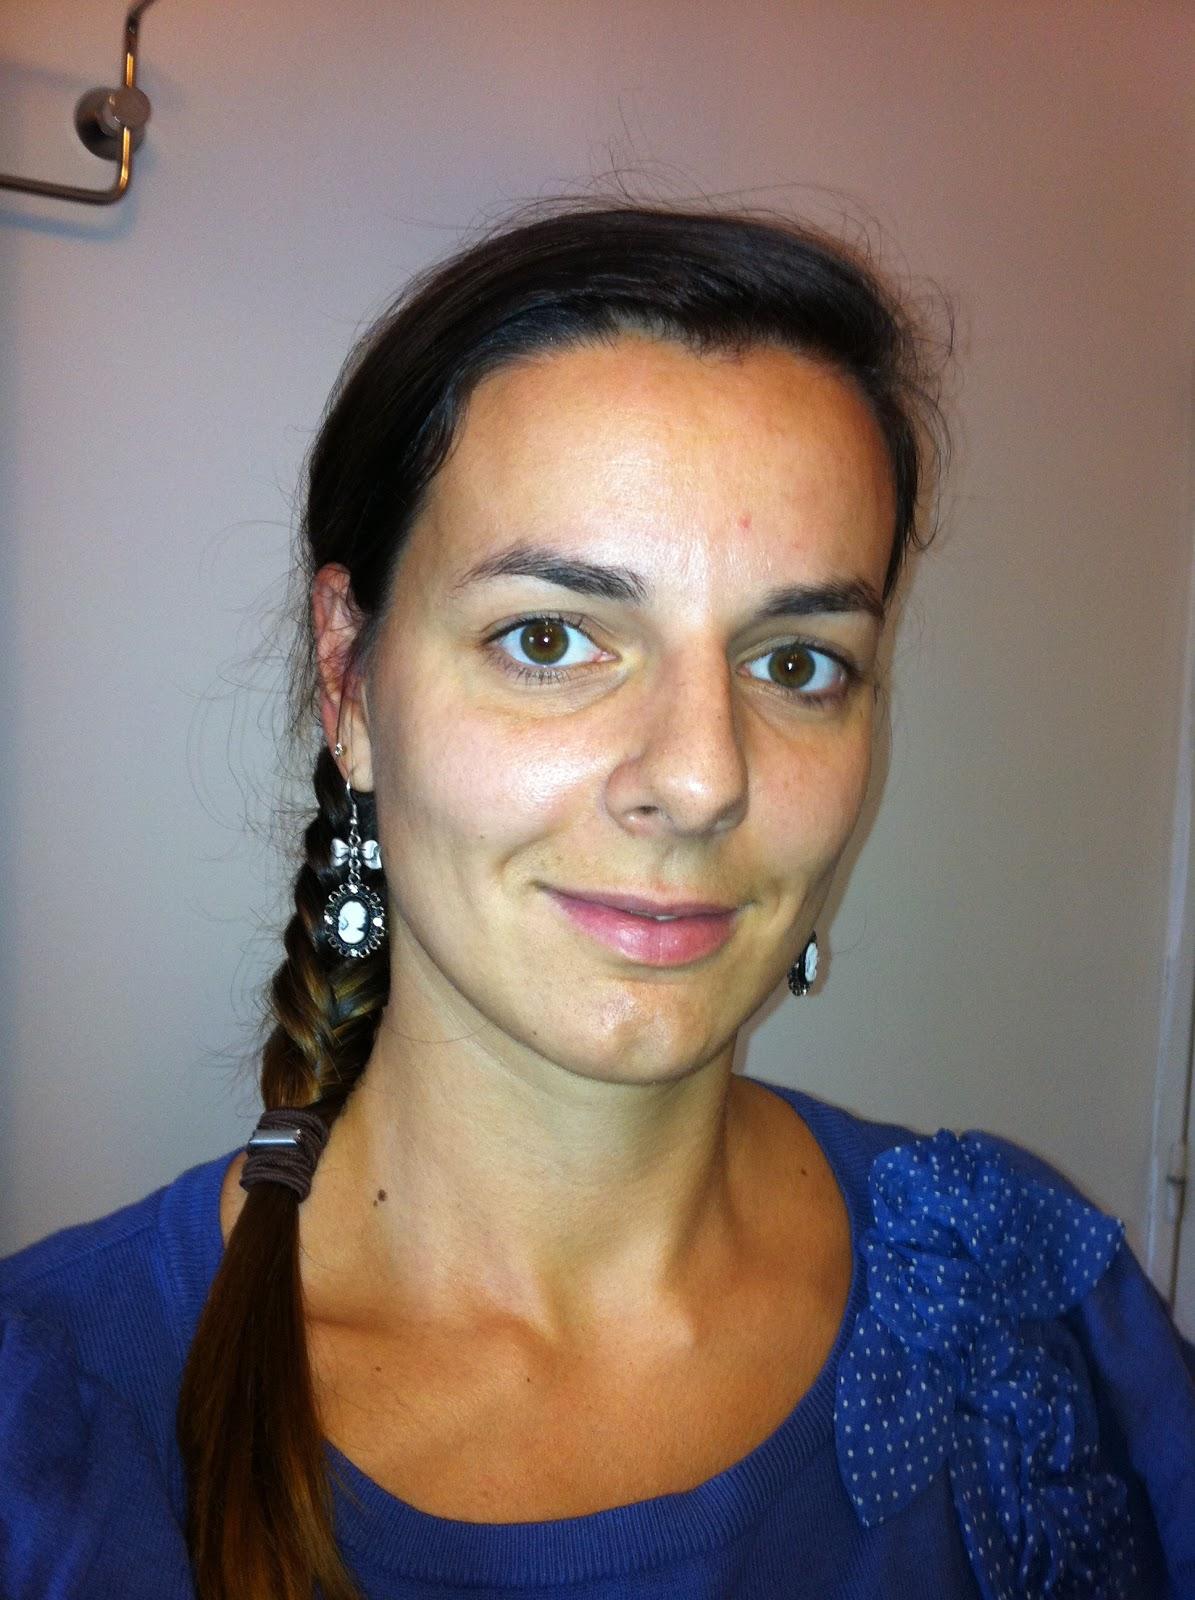 La restitution moléculaire des cheveu par la kératina